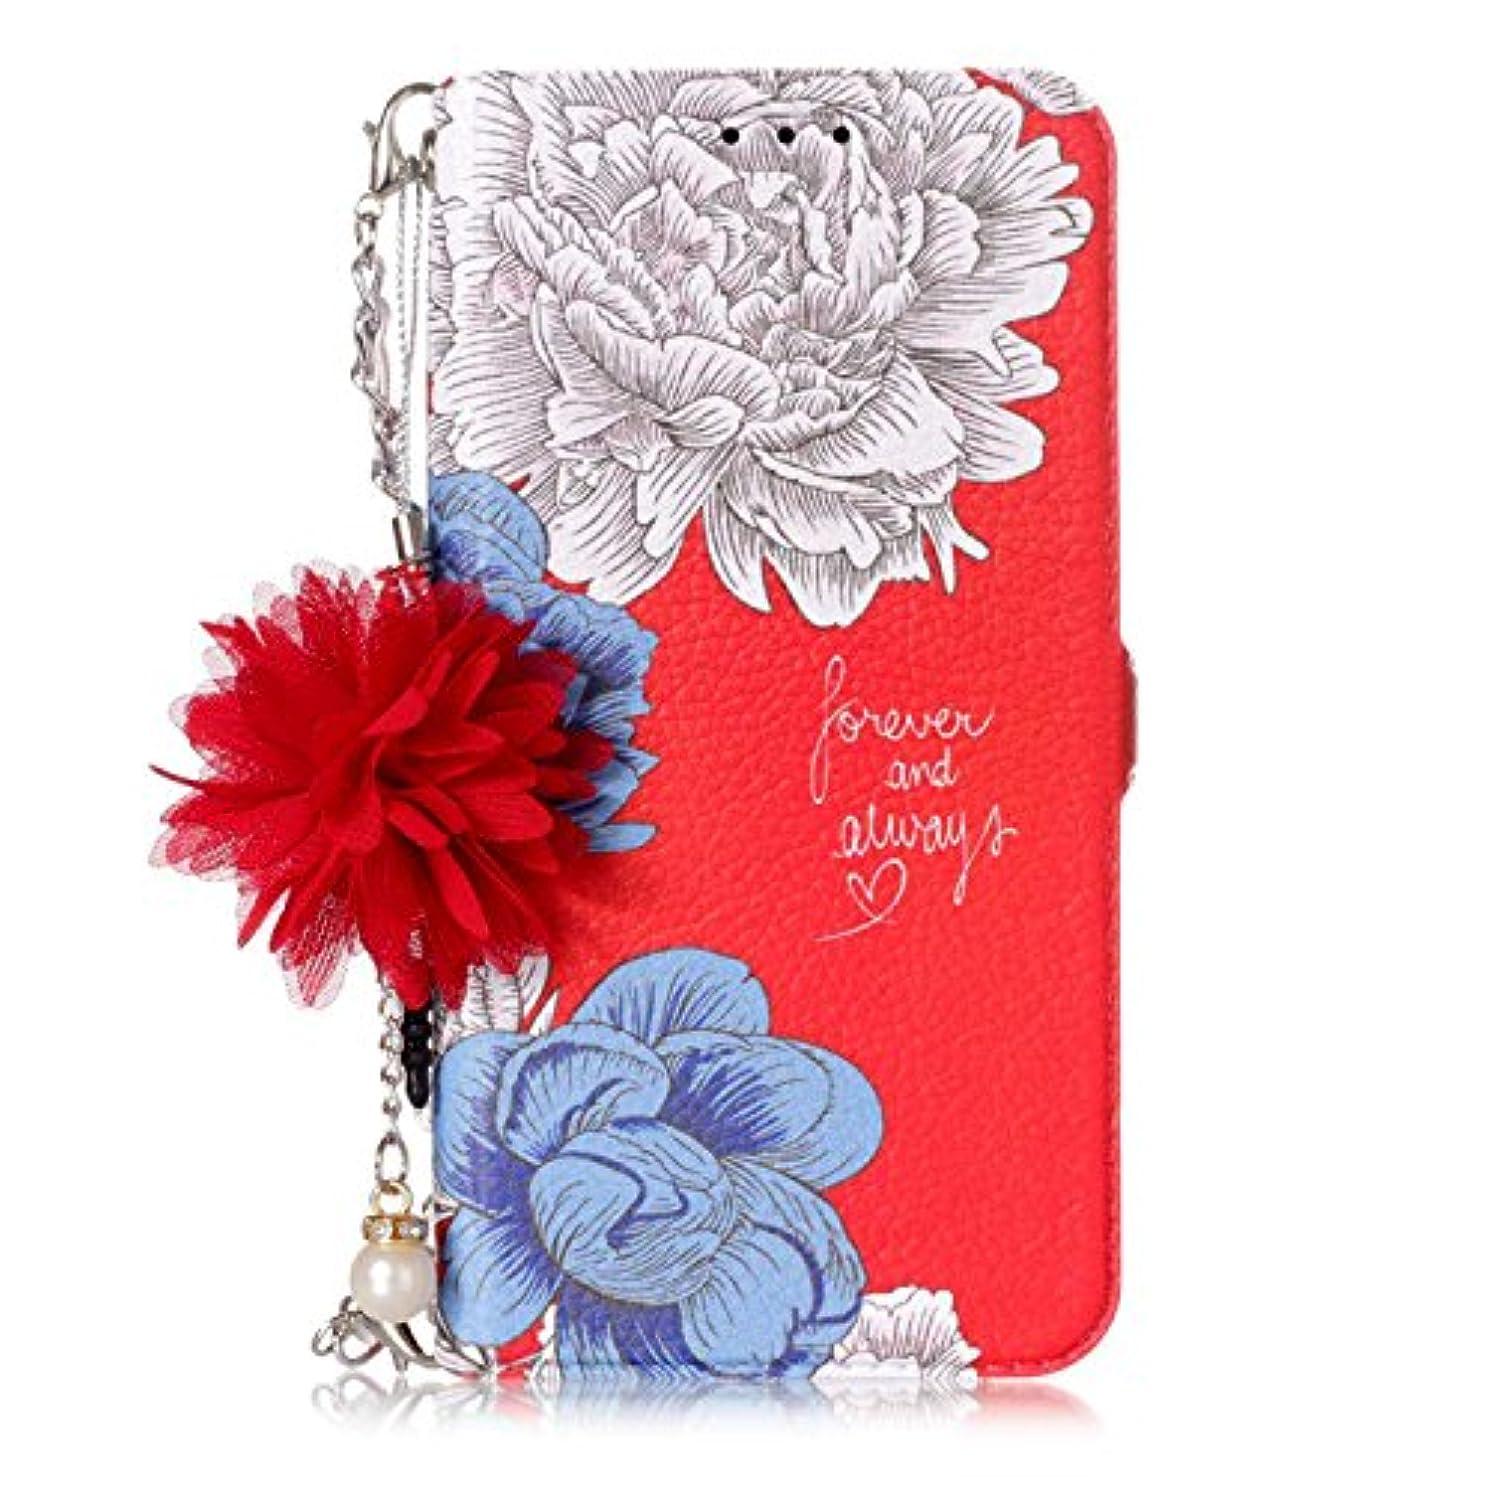 シャックル北東ハーネスOMATENTI Galaxy S6 Edge ケース, 簡約風 軽量 PU レザー 財布型 カバー ケース, こがら 花柄 人気 かわいい レディース用 ケース ザー カード収納 スタンド 機能 マグネット, Galaxy...